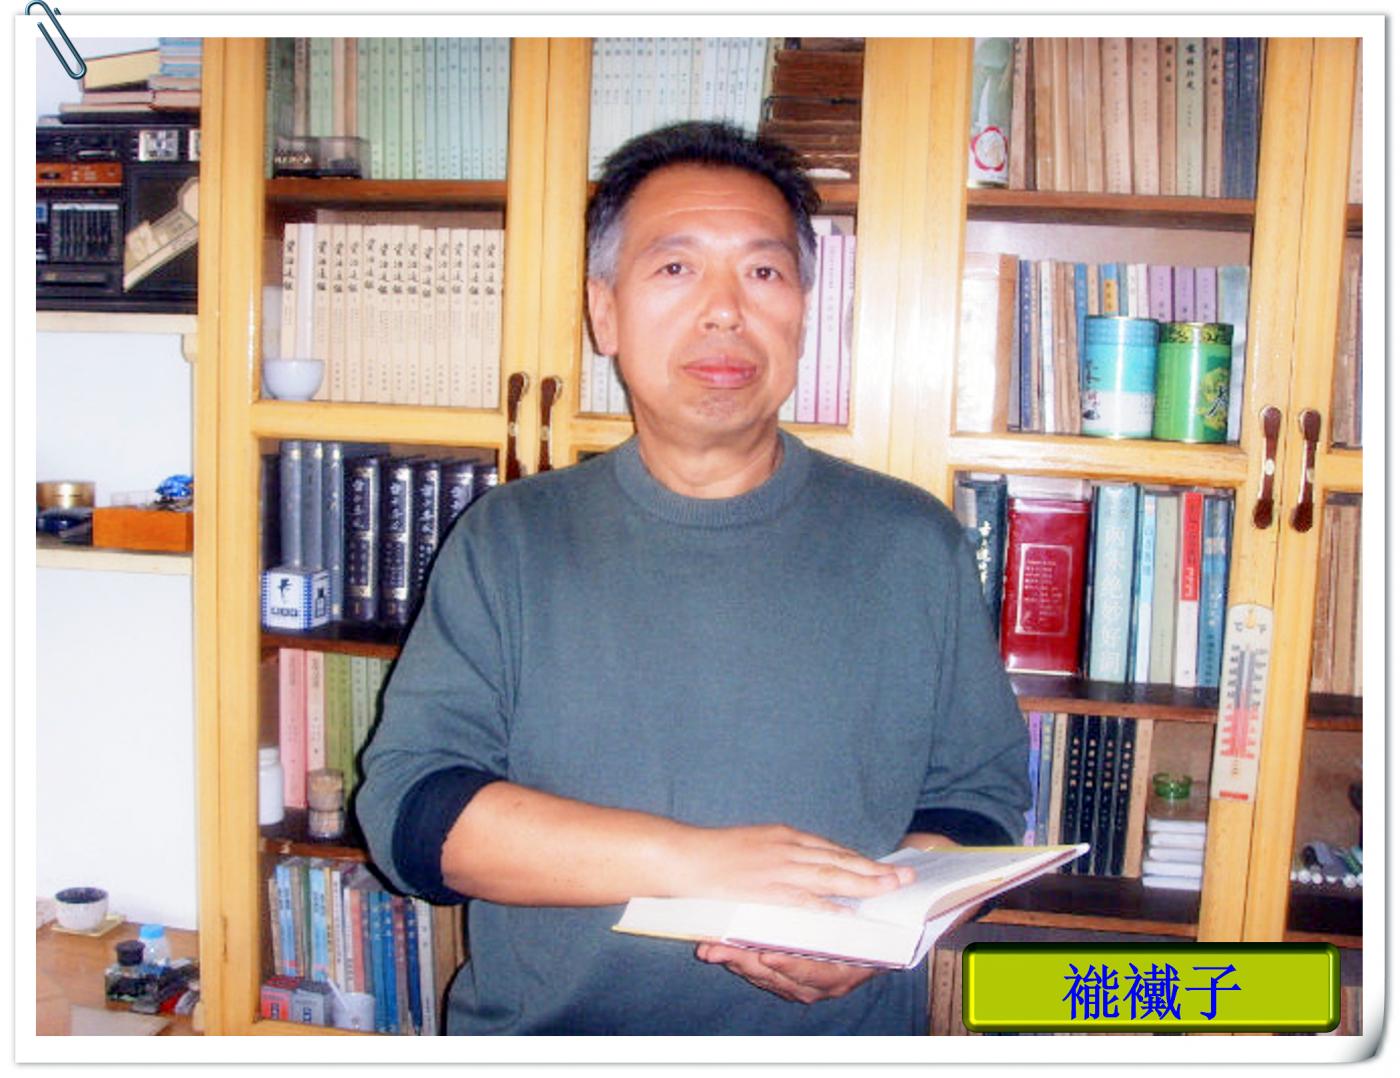 自戕的教师惩戒权_图1-1